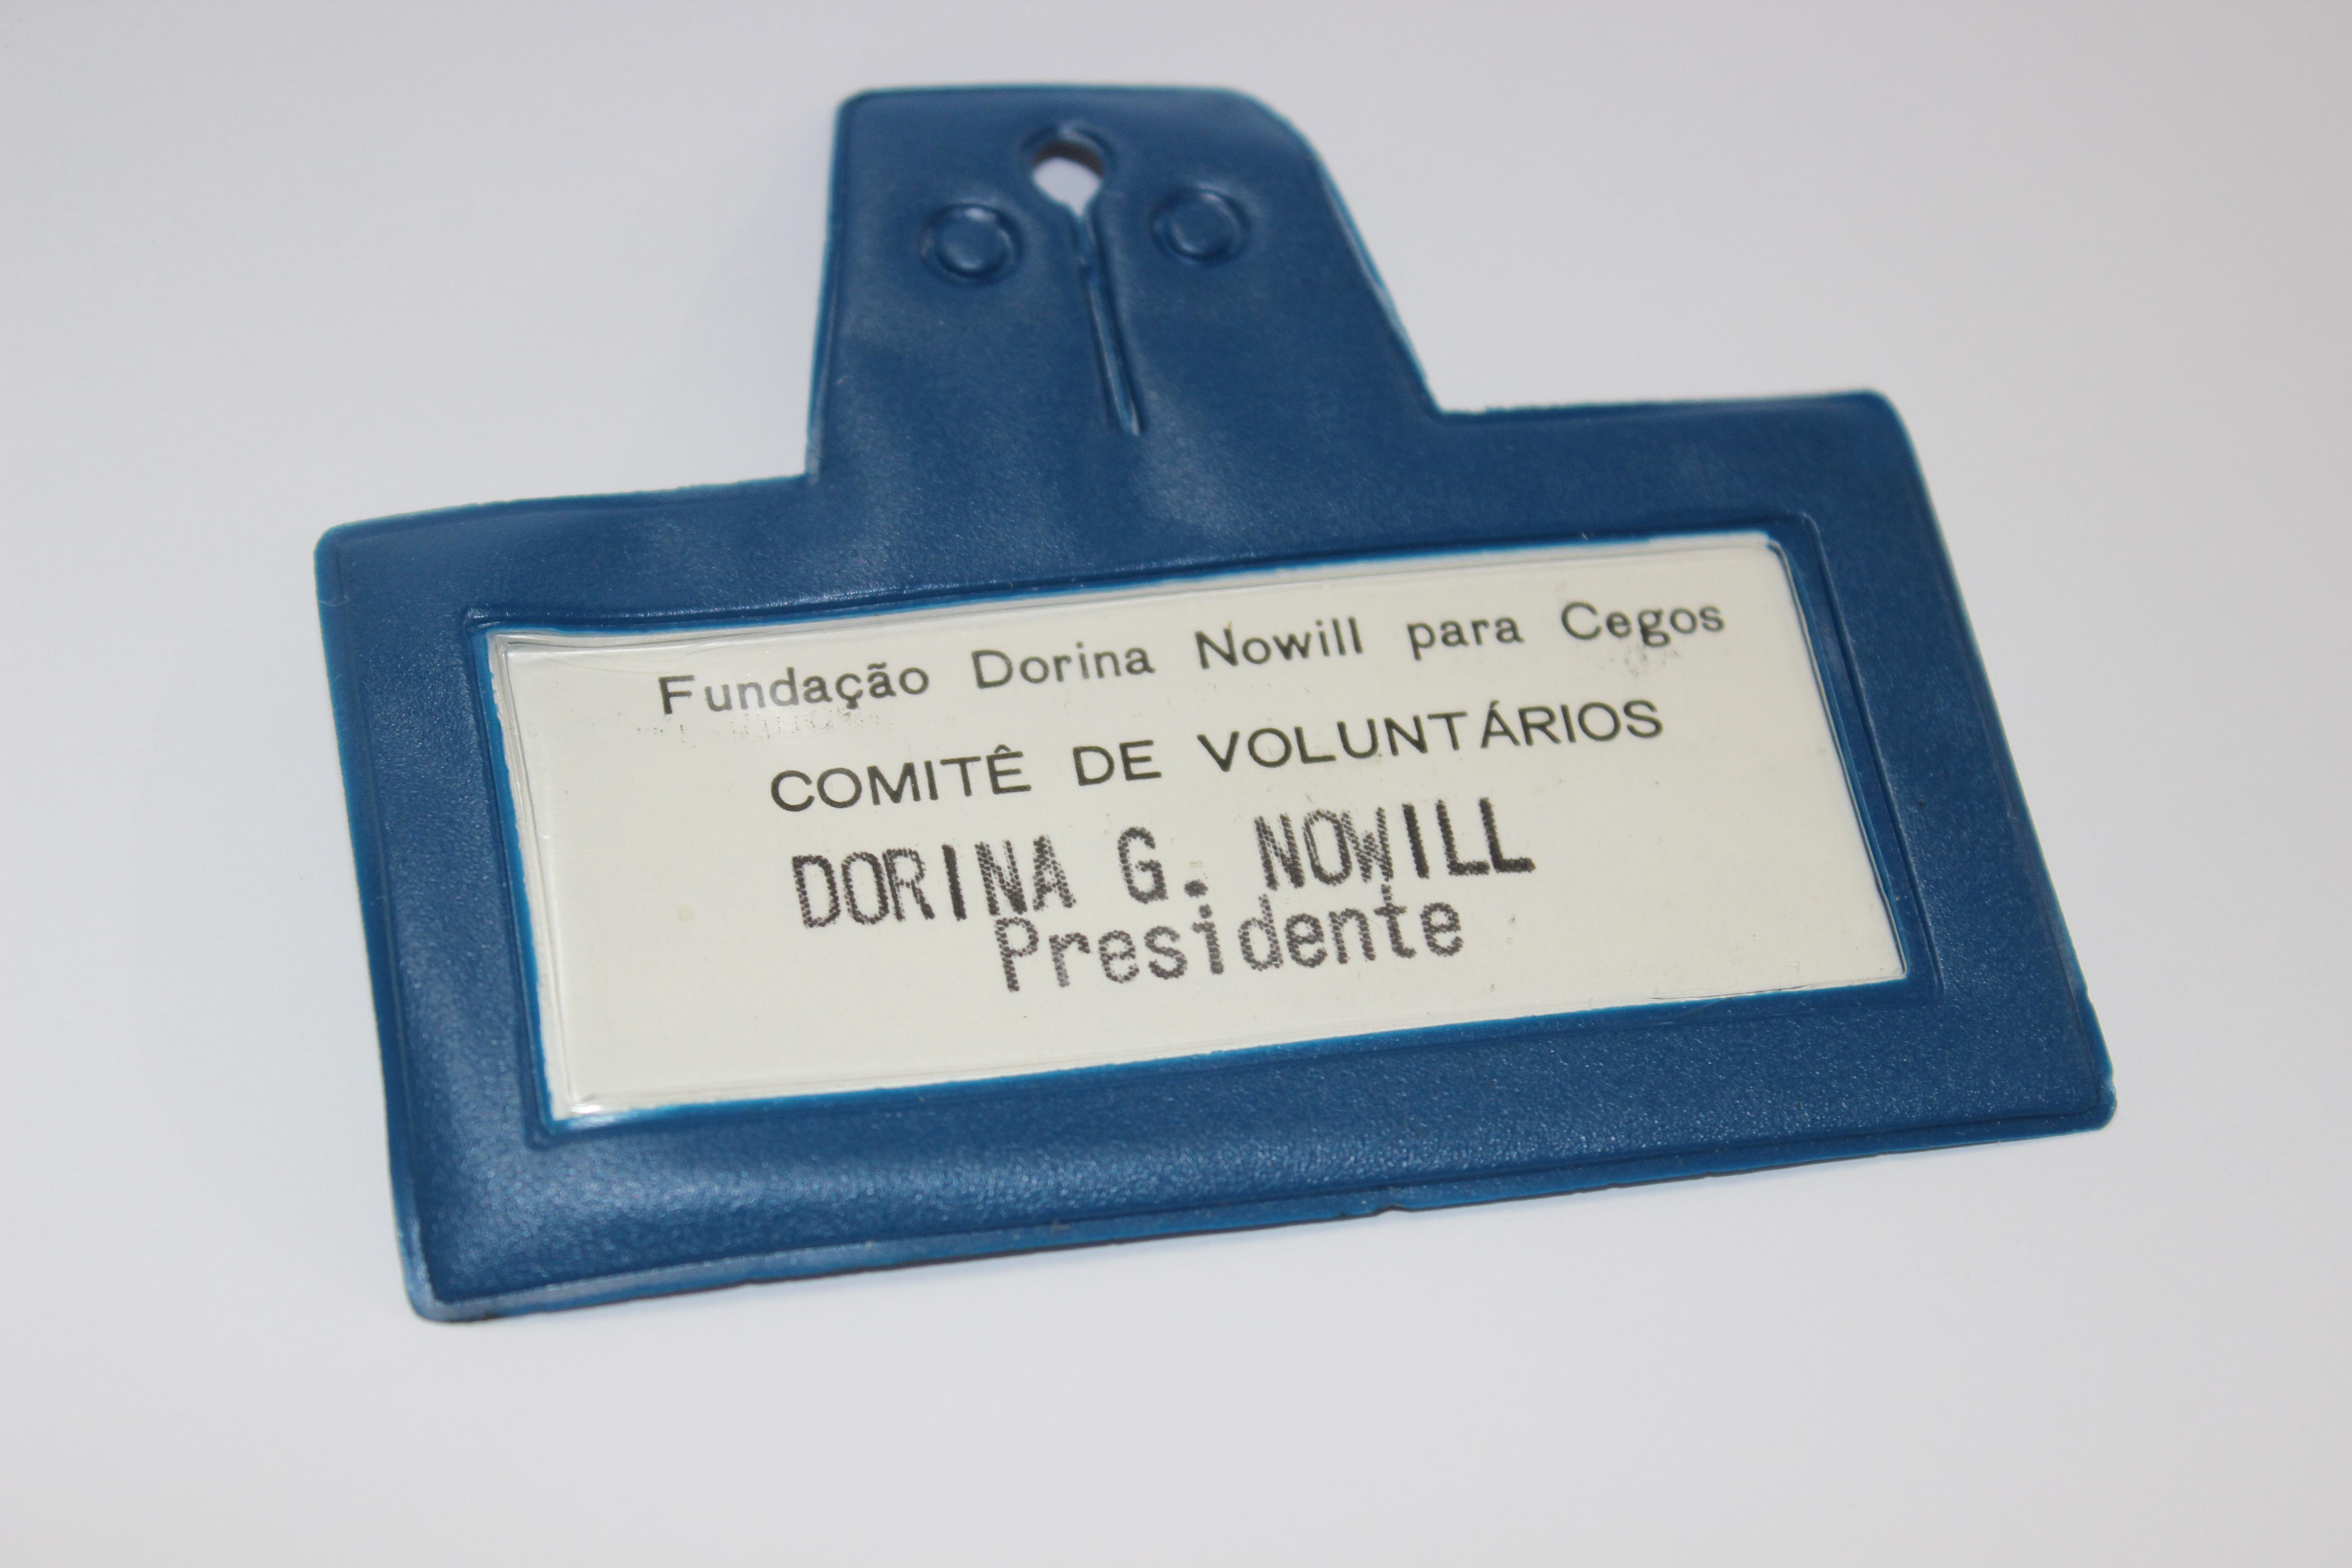 """Descrição de imagem: foto de um crachá, em fundo branco, e nele está escrito: """"Fundação Dorina Nowill Para Cegos. Comitê de voluntários. Dorina G. Nowill presidente""""."""